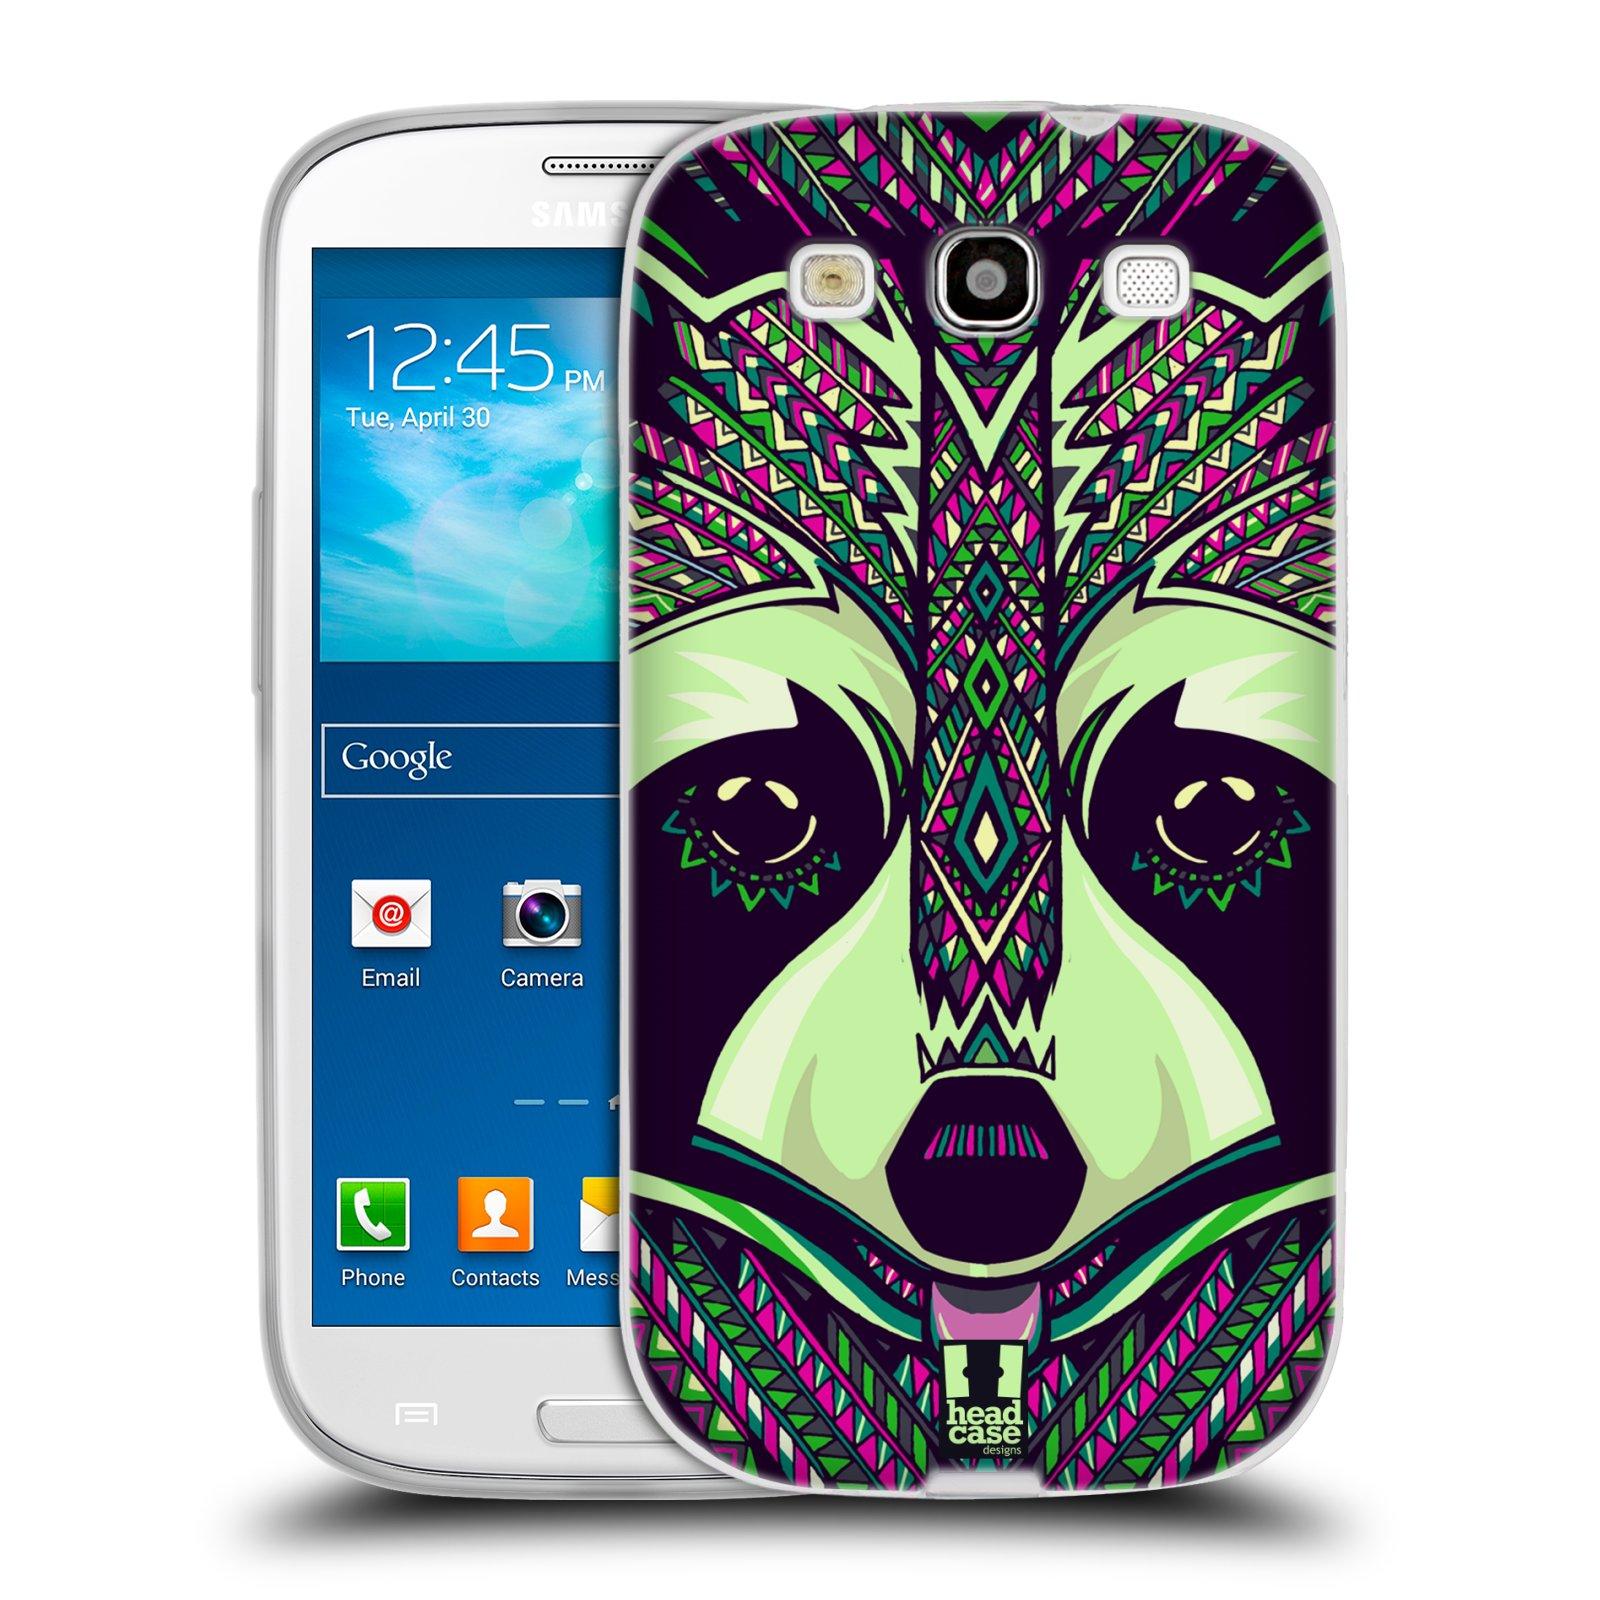 Silikonové pouzdro na mobil Samsung Galaxy S3 Neo HEAD CASE AZTEC MÝVAL (Silikonový kryt či obal na mobilní telefon Samsung Galaxy S3 Neo GT-i9301i)